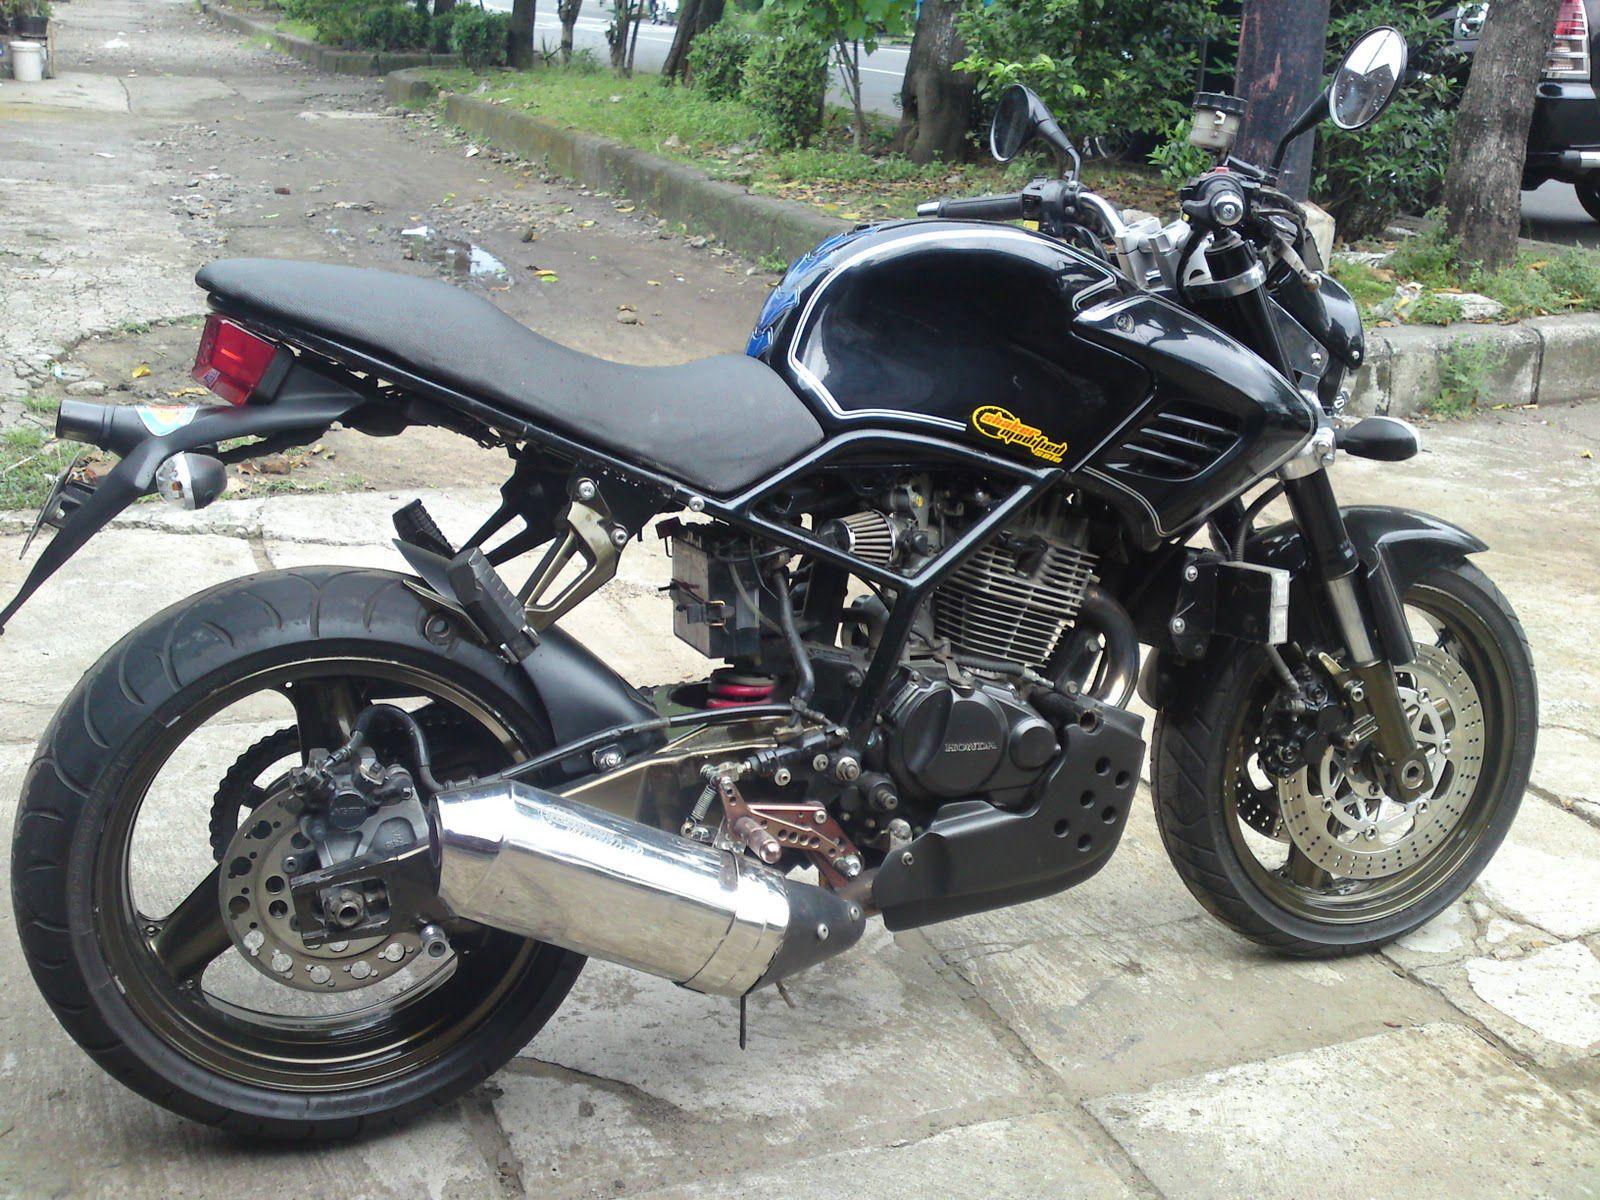 Modifkasi Motor Honda Tiger Dengan Rangka Dan Jok Custom